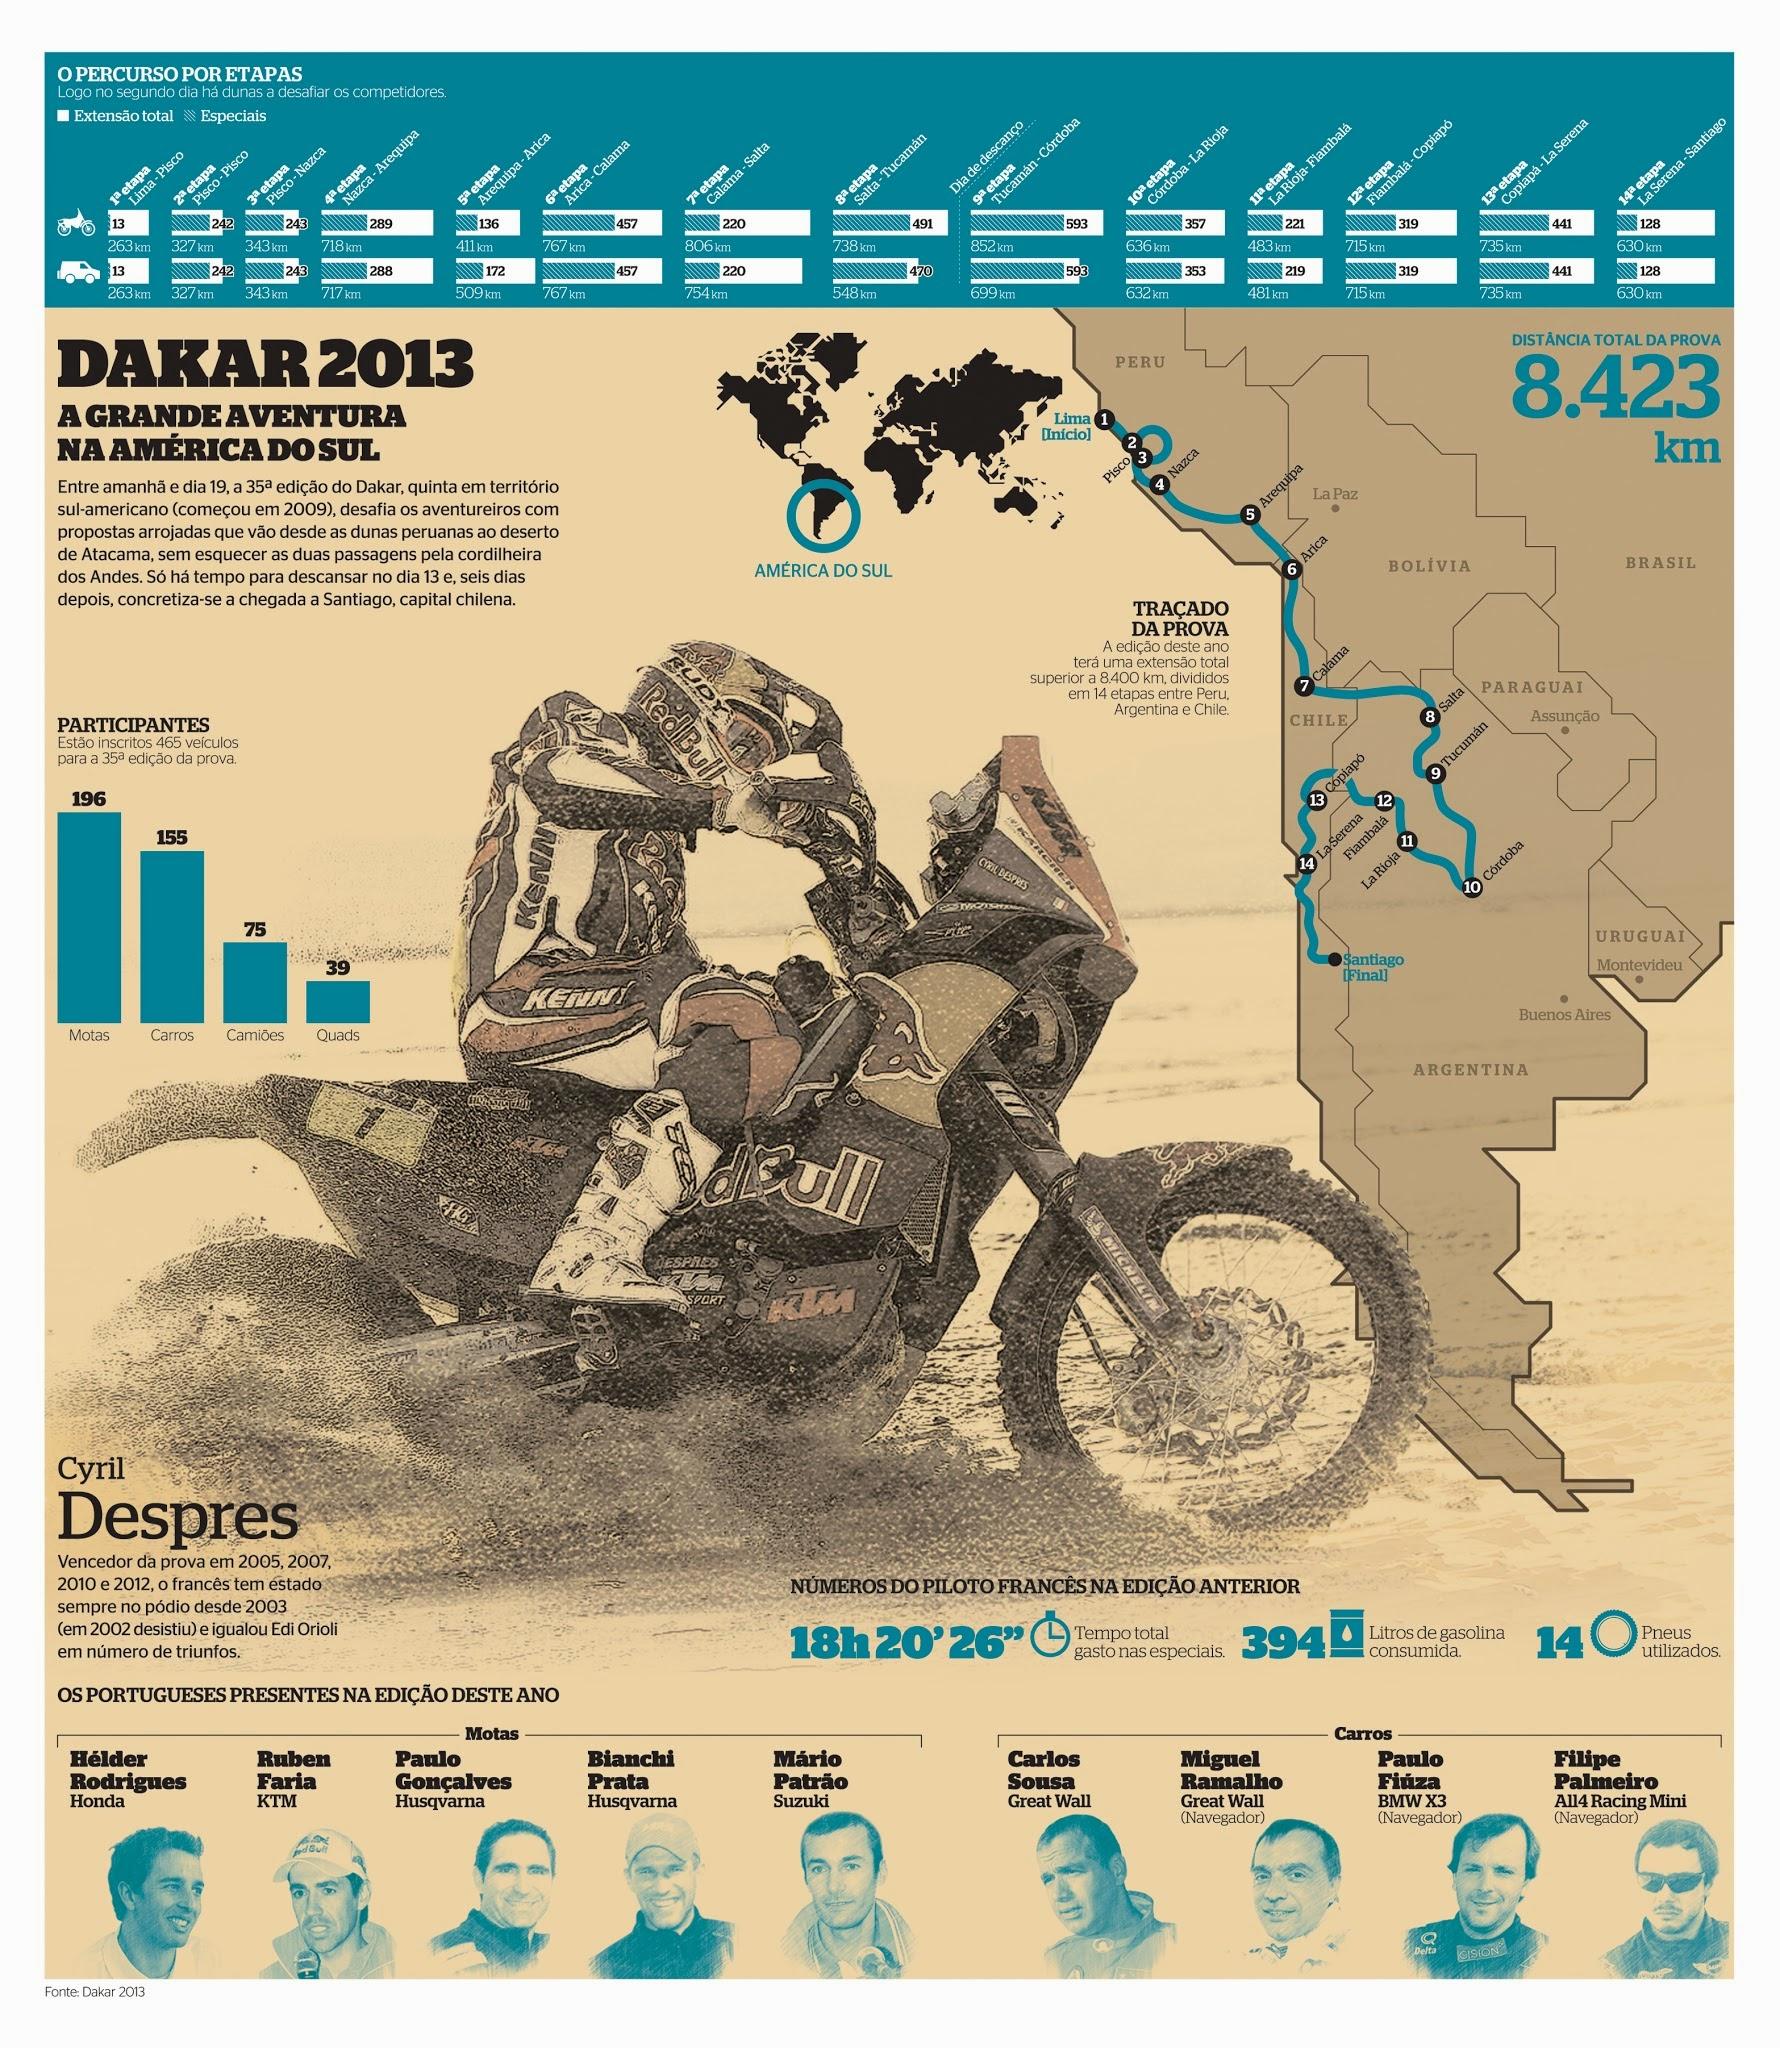 Dakar 2013, infographic by Mário Malhão